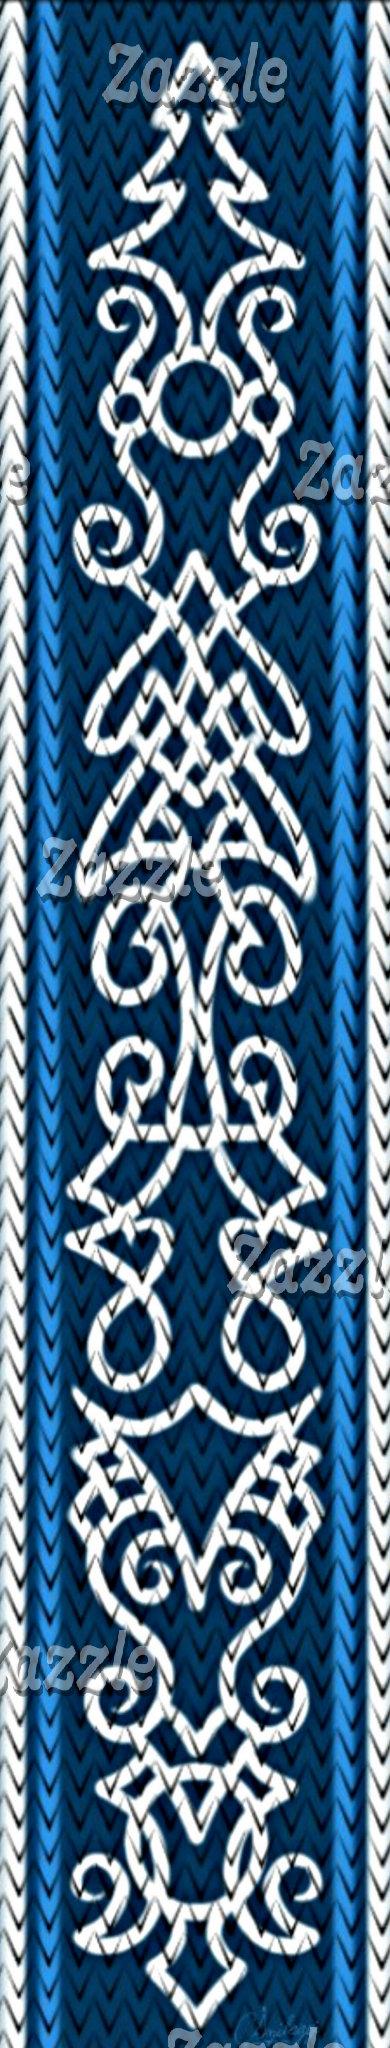 Nordic Scroll